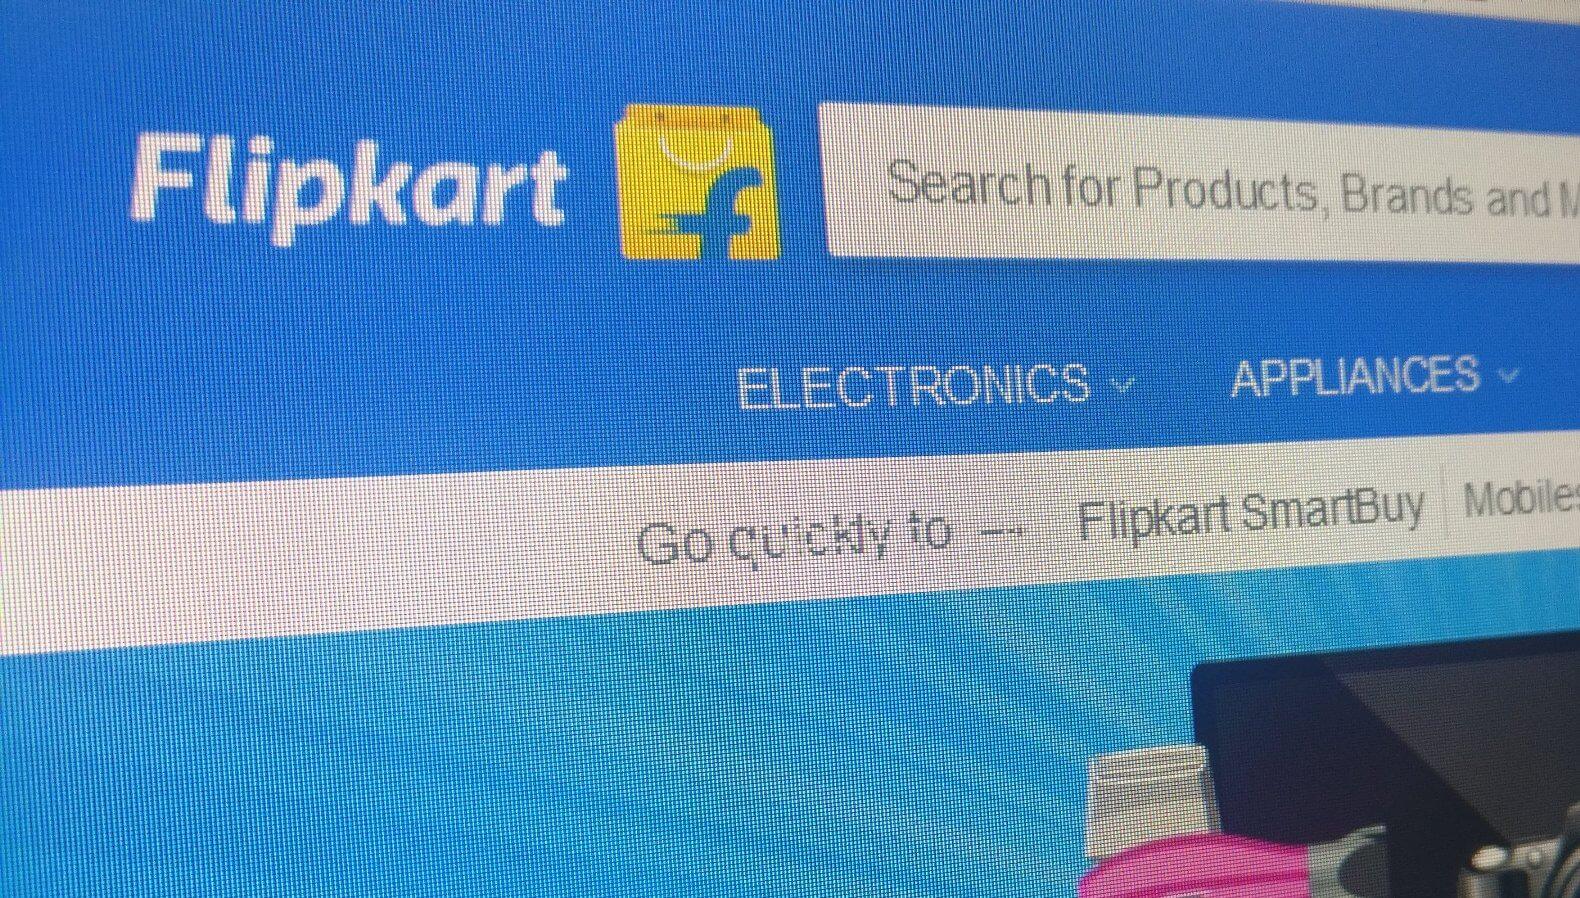 Flipkart Ebook App